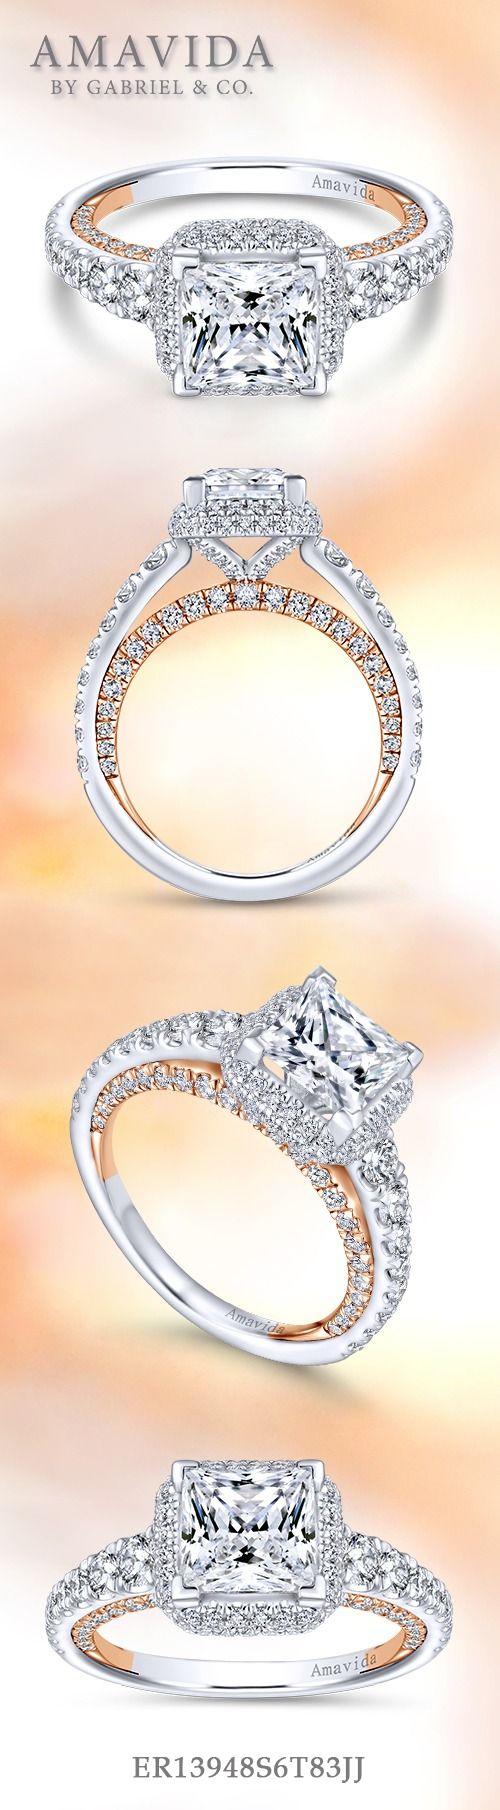 18k White Gold Princess Cut Split Shank Engagement Ring  Er6239w83jj